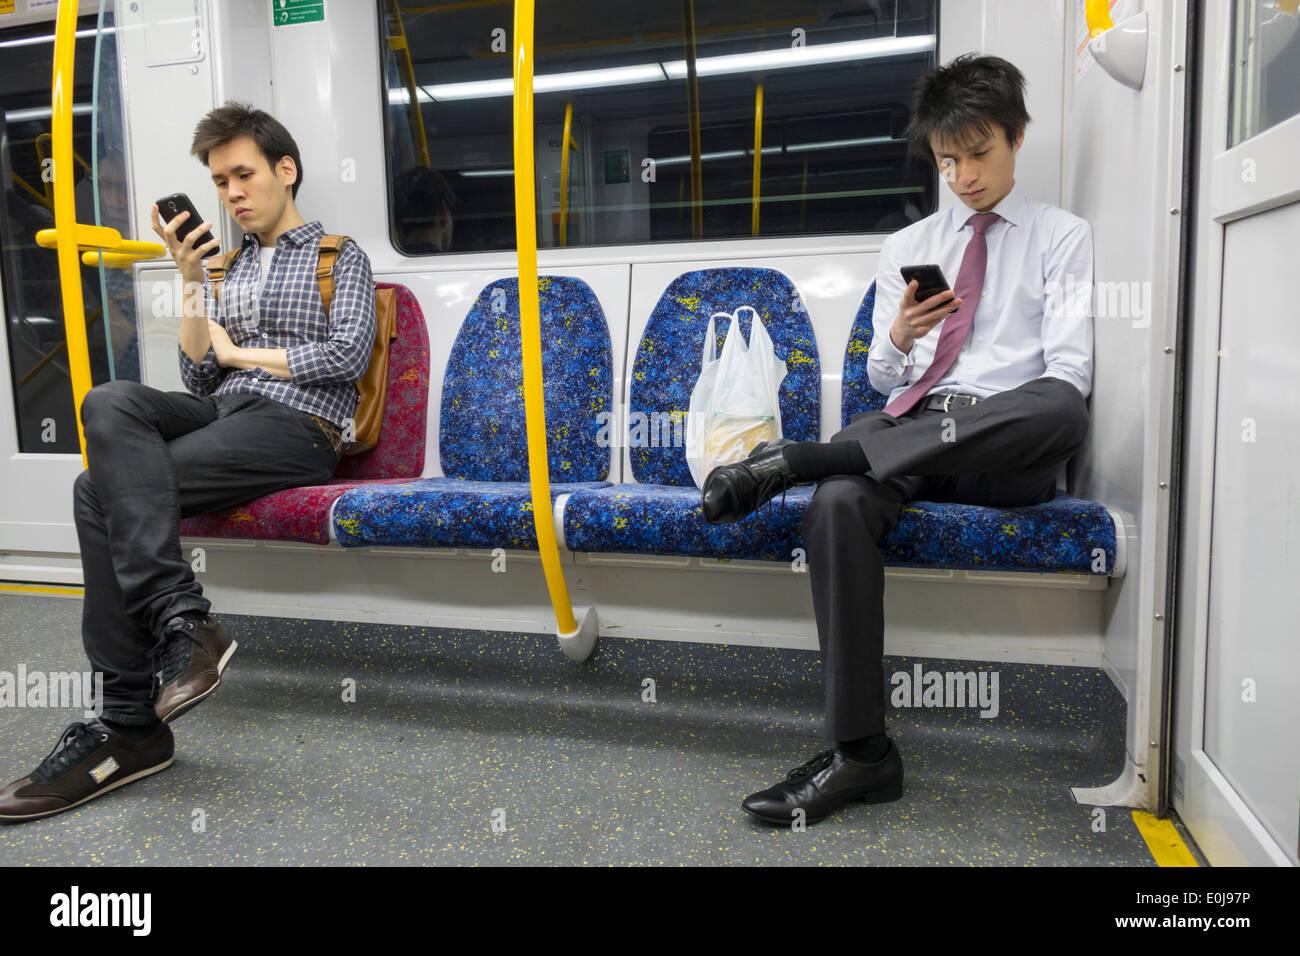 Sydney Australia NSW Nuovo Galles del Sud i treni City Circle i mezzi di trasporto pubblici a bordo i piloti in cabina passeggeri uomo asiatico alla ricerca di messaggi dello smartphone co Immagini Stock